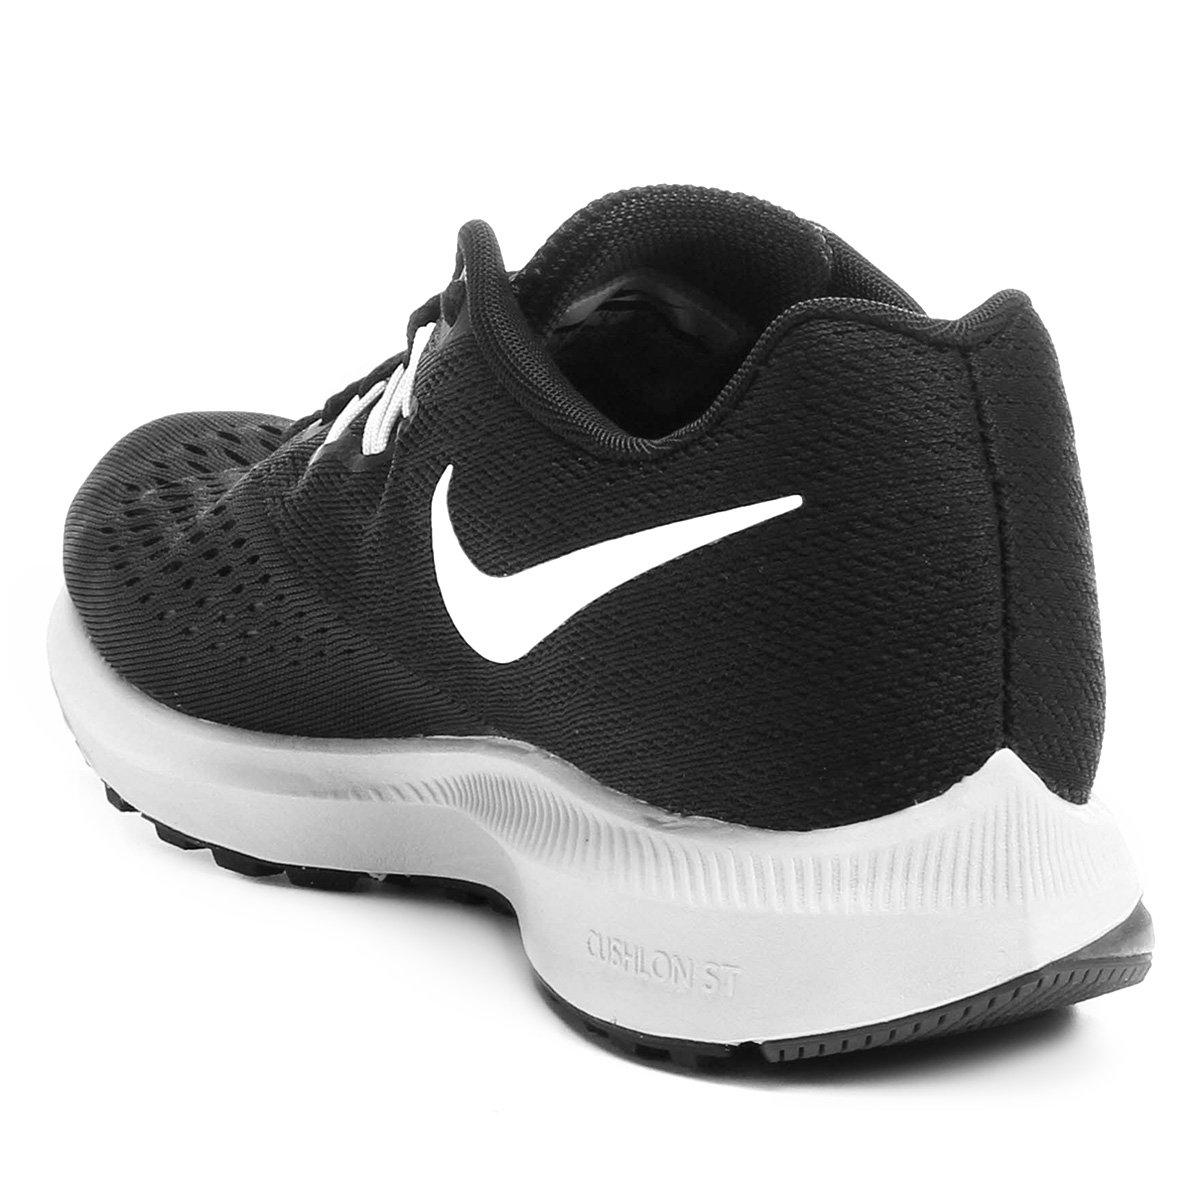 e1af8252f5 Tênis Nike Zoom Winflo 4 Feminino - Compre Agora